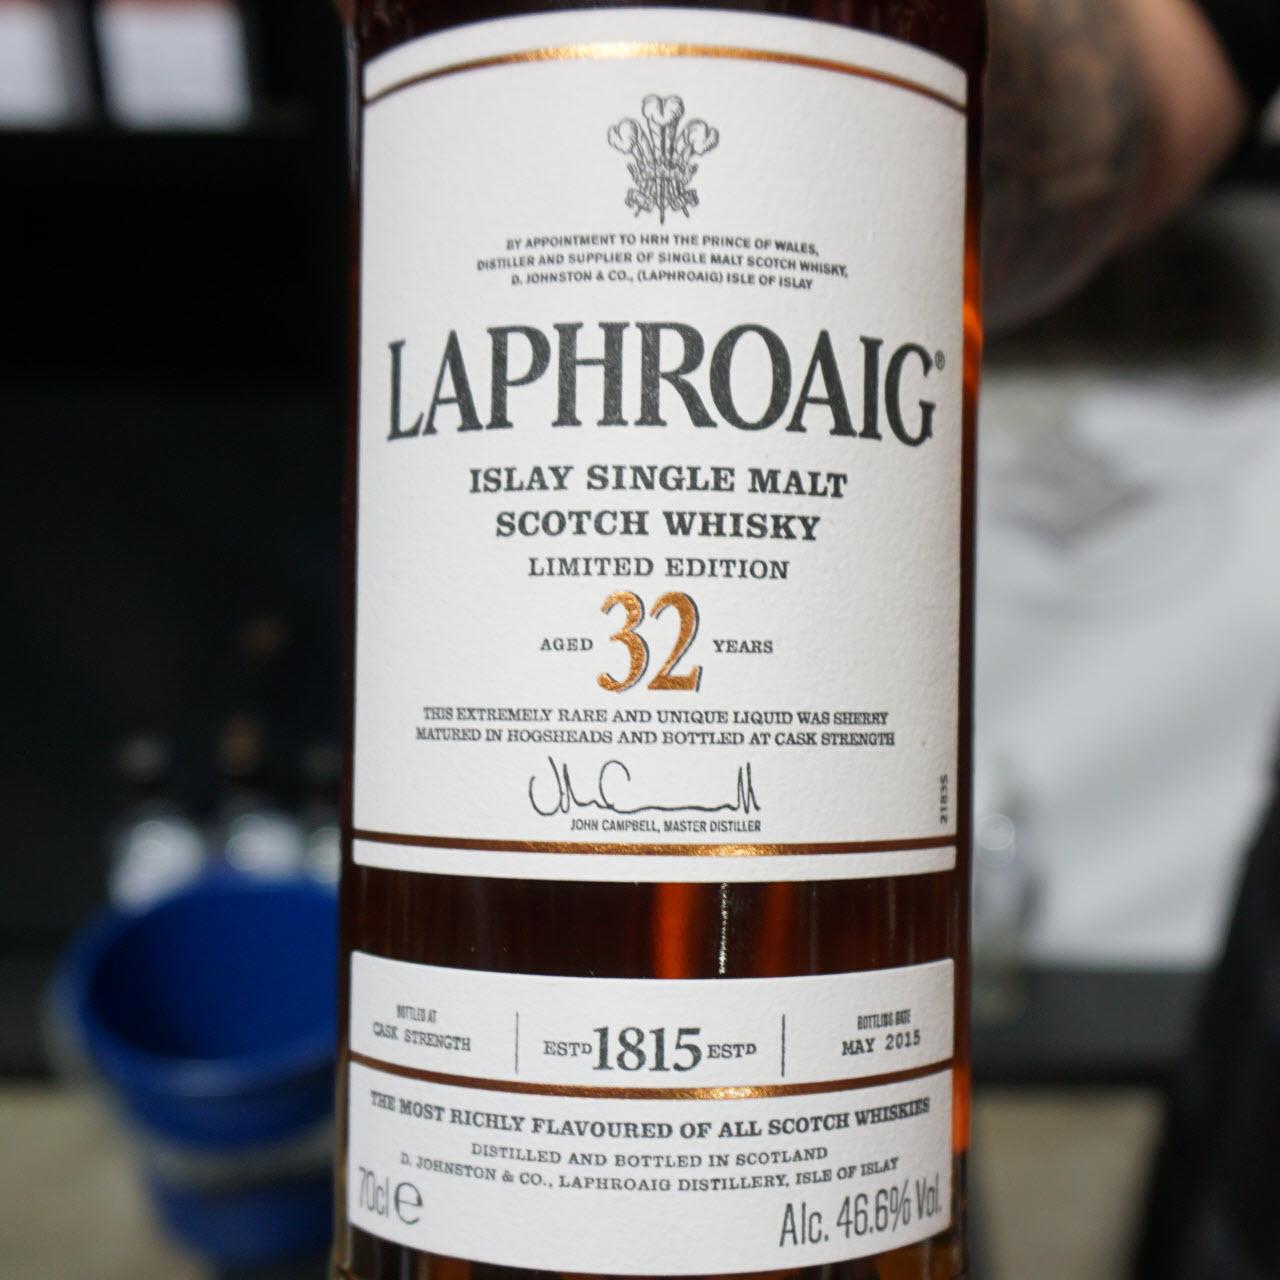 Laphroaig 32 YO